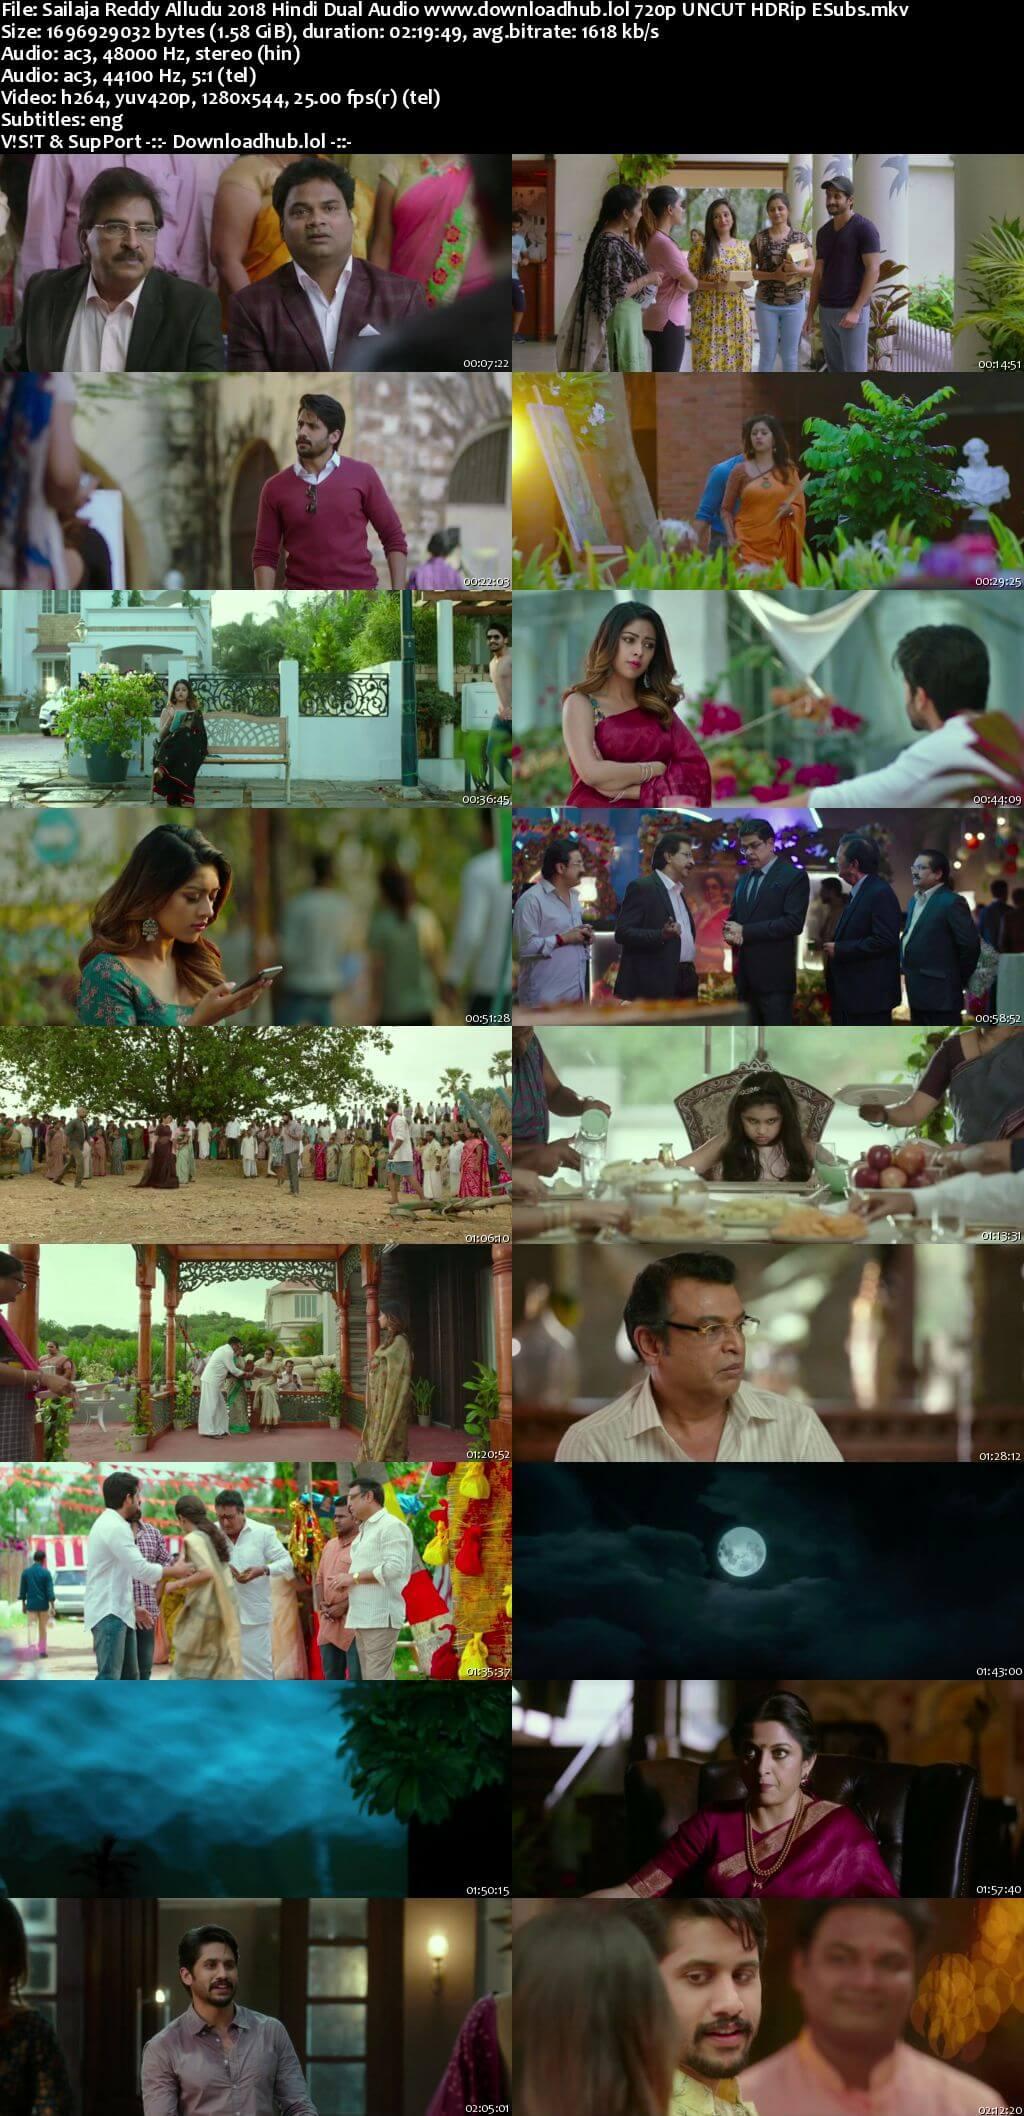 Sailaja Reddy Alludu 2018 Hindi Dual Audio 720p UNCUT HDRip ESubs